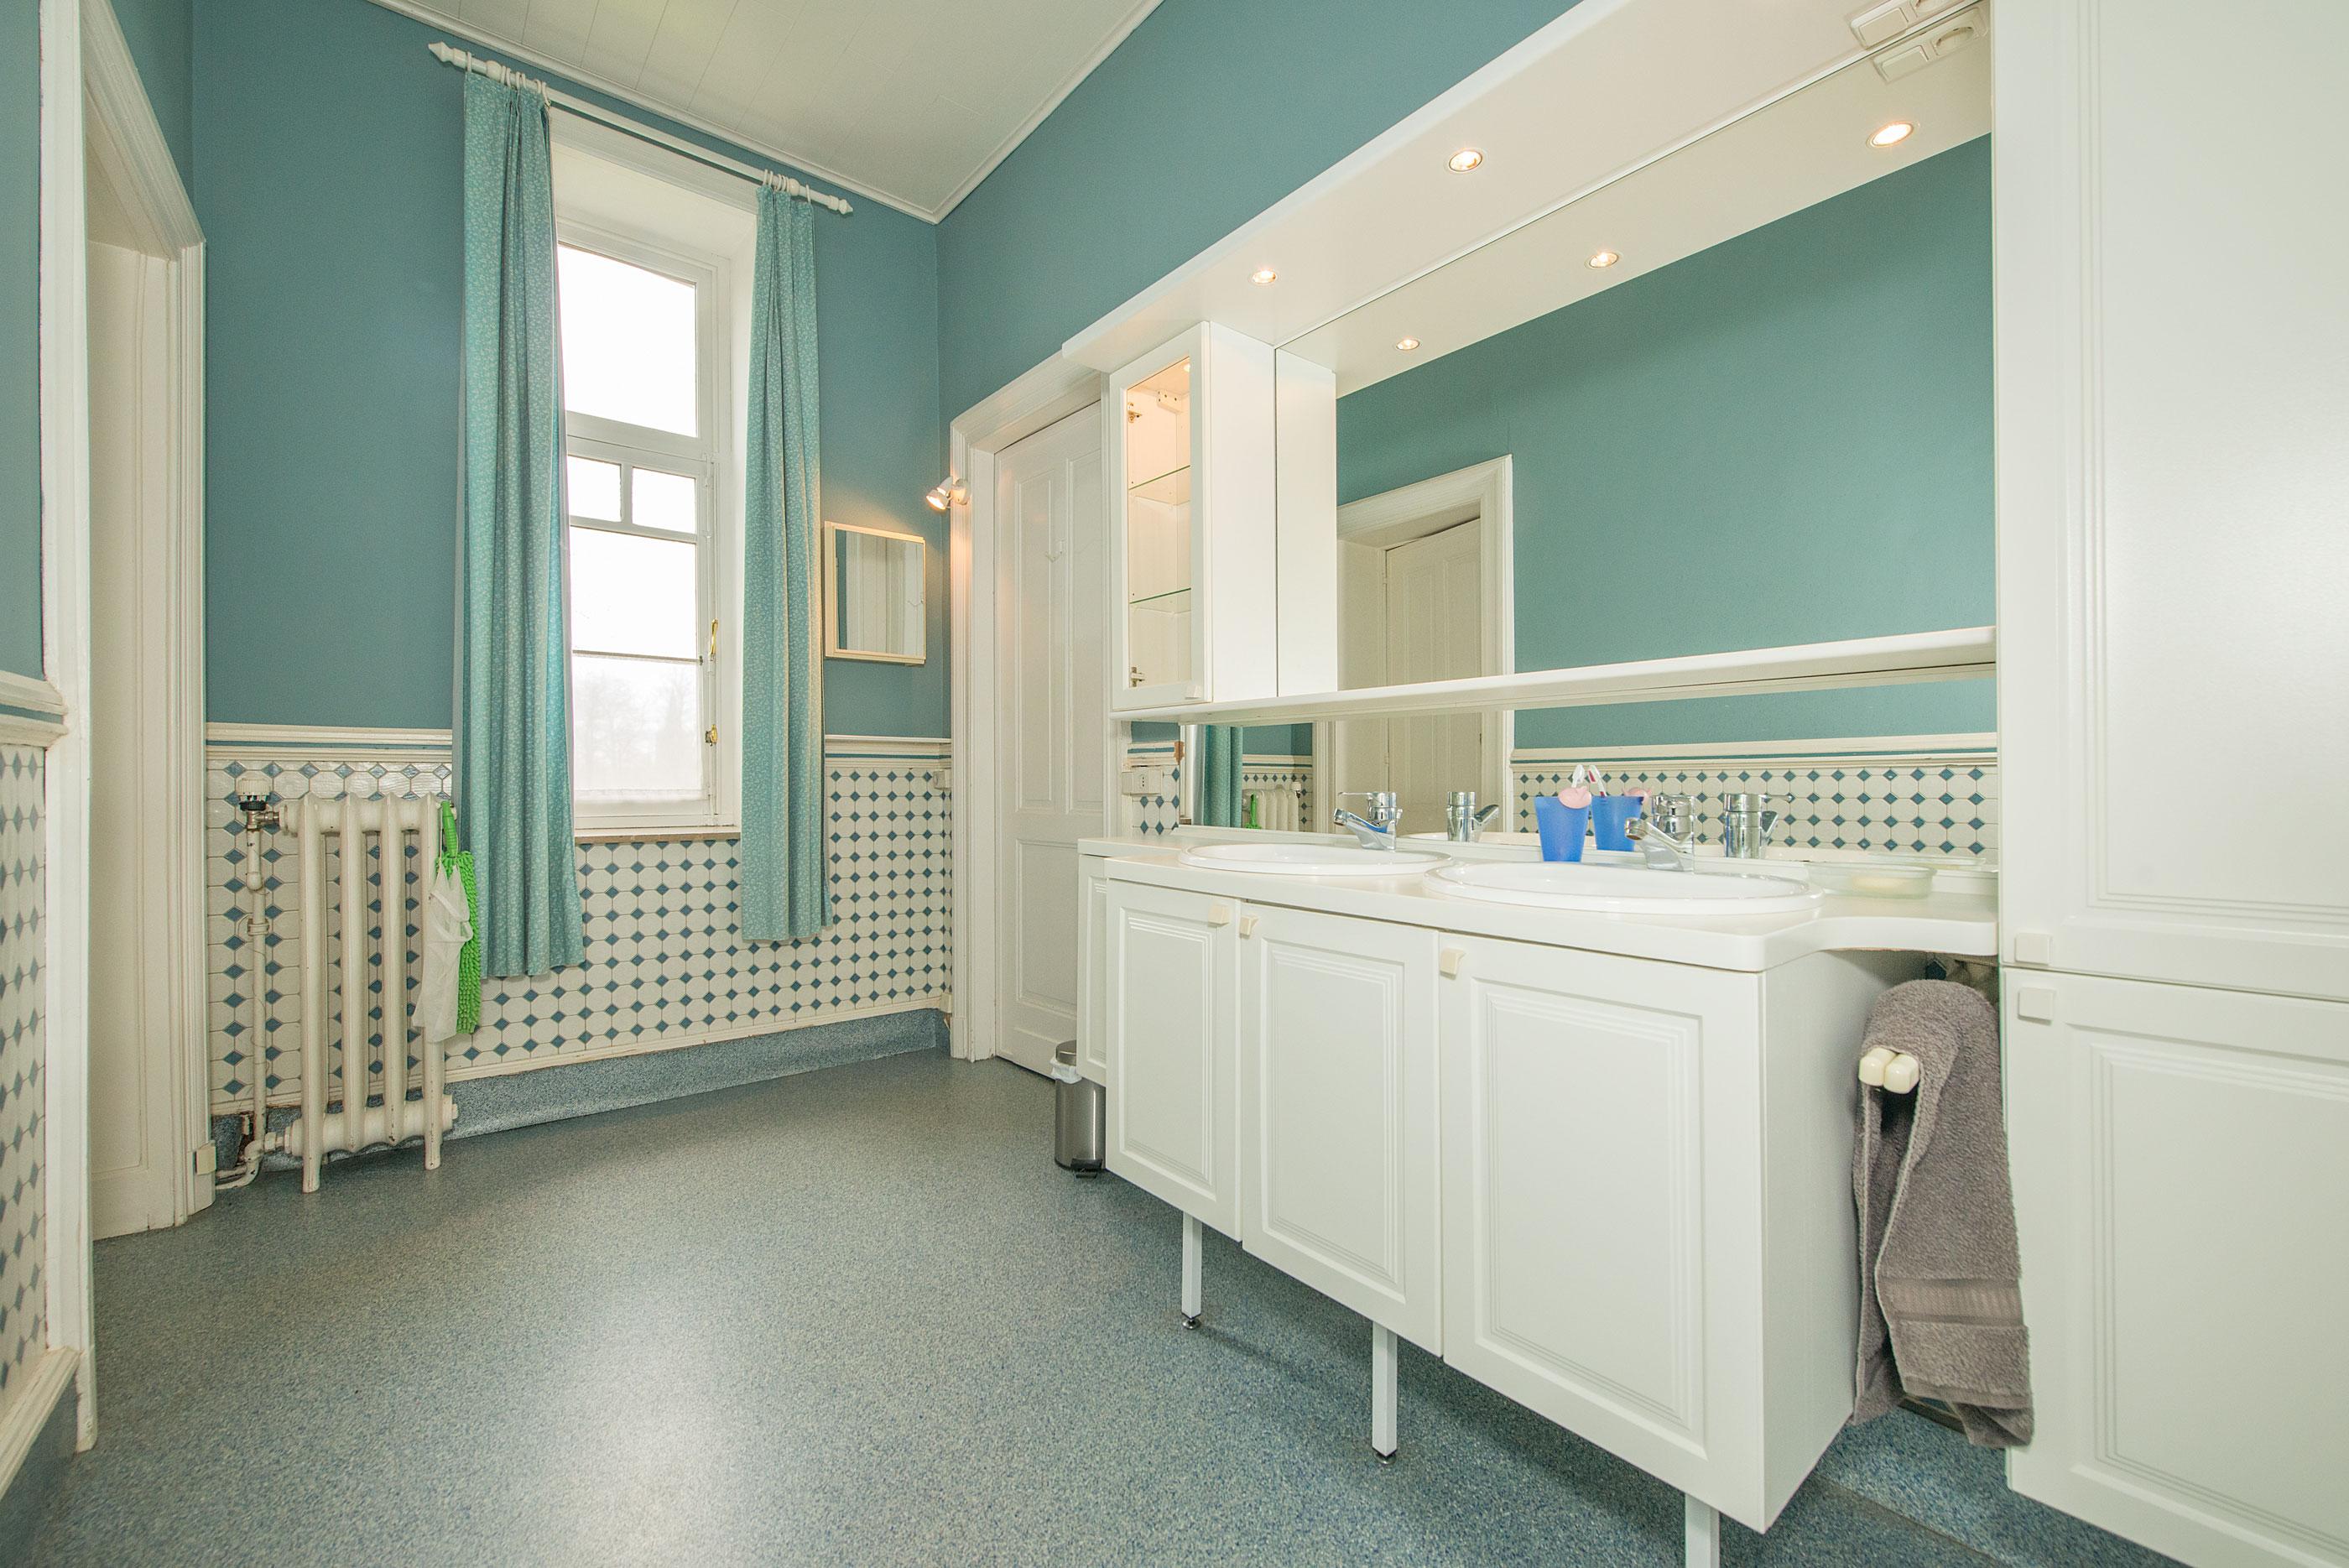 Woning 4 gevel in quenast te koop aanbod berth immobili n - Badkamer met parketvloer ...